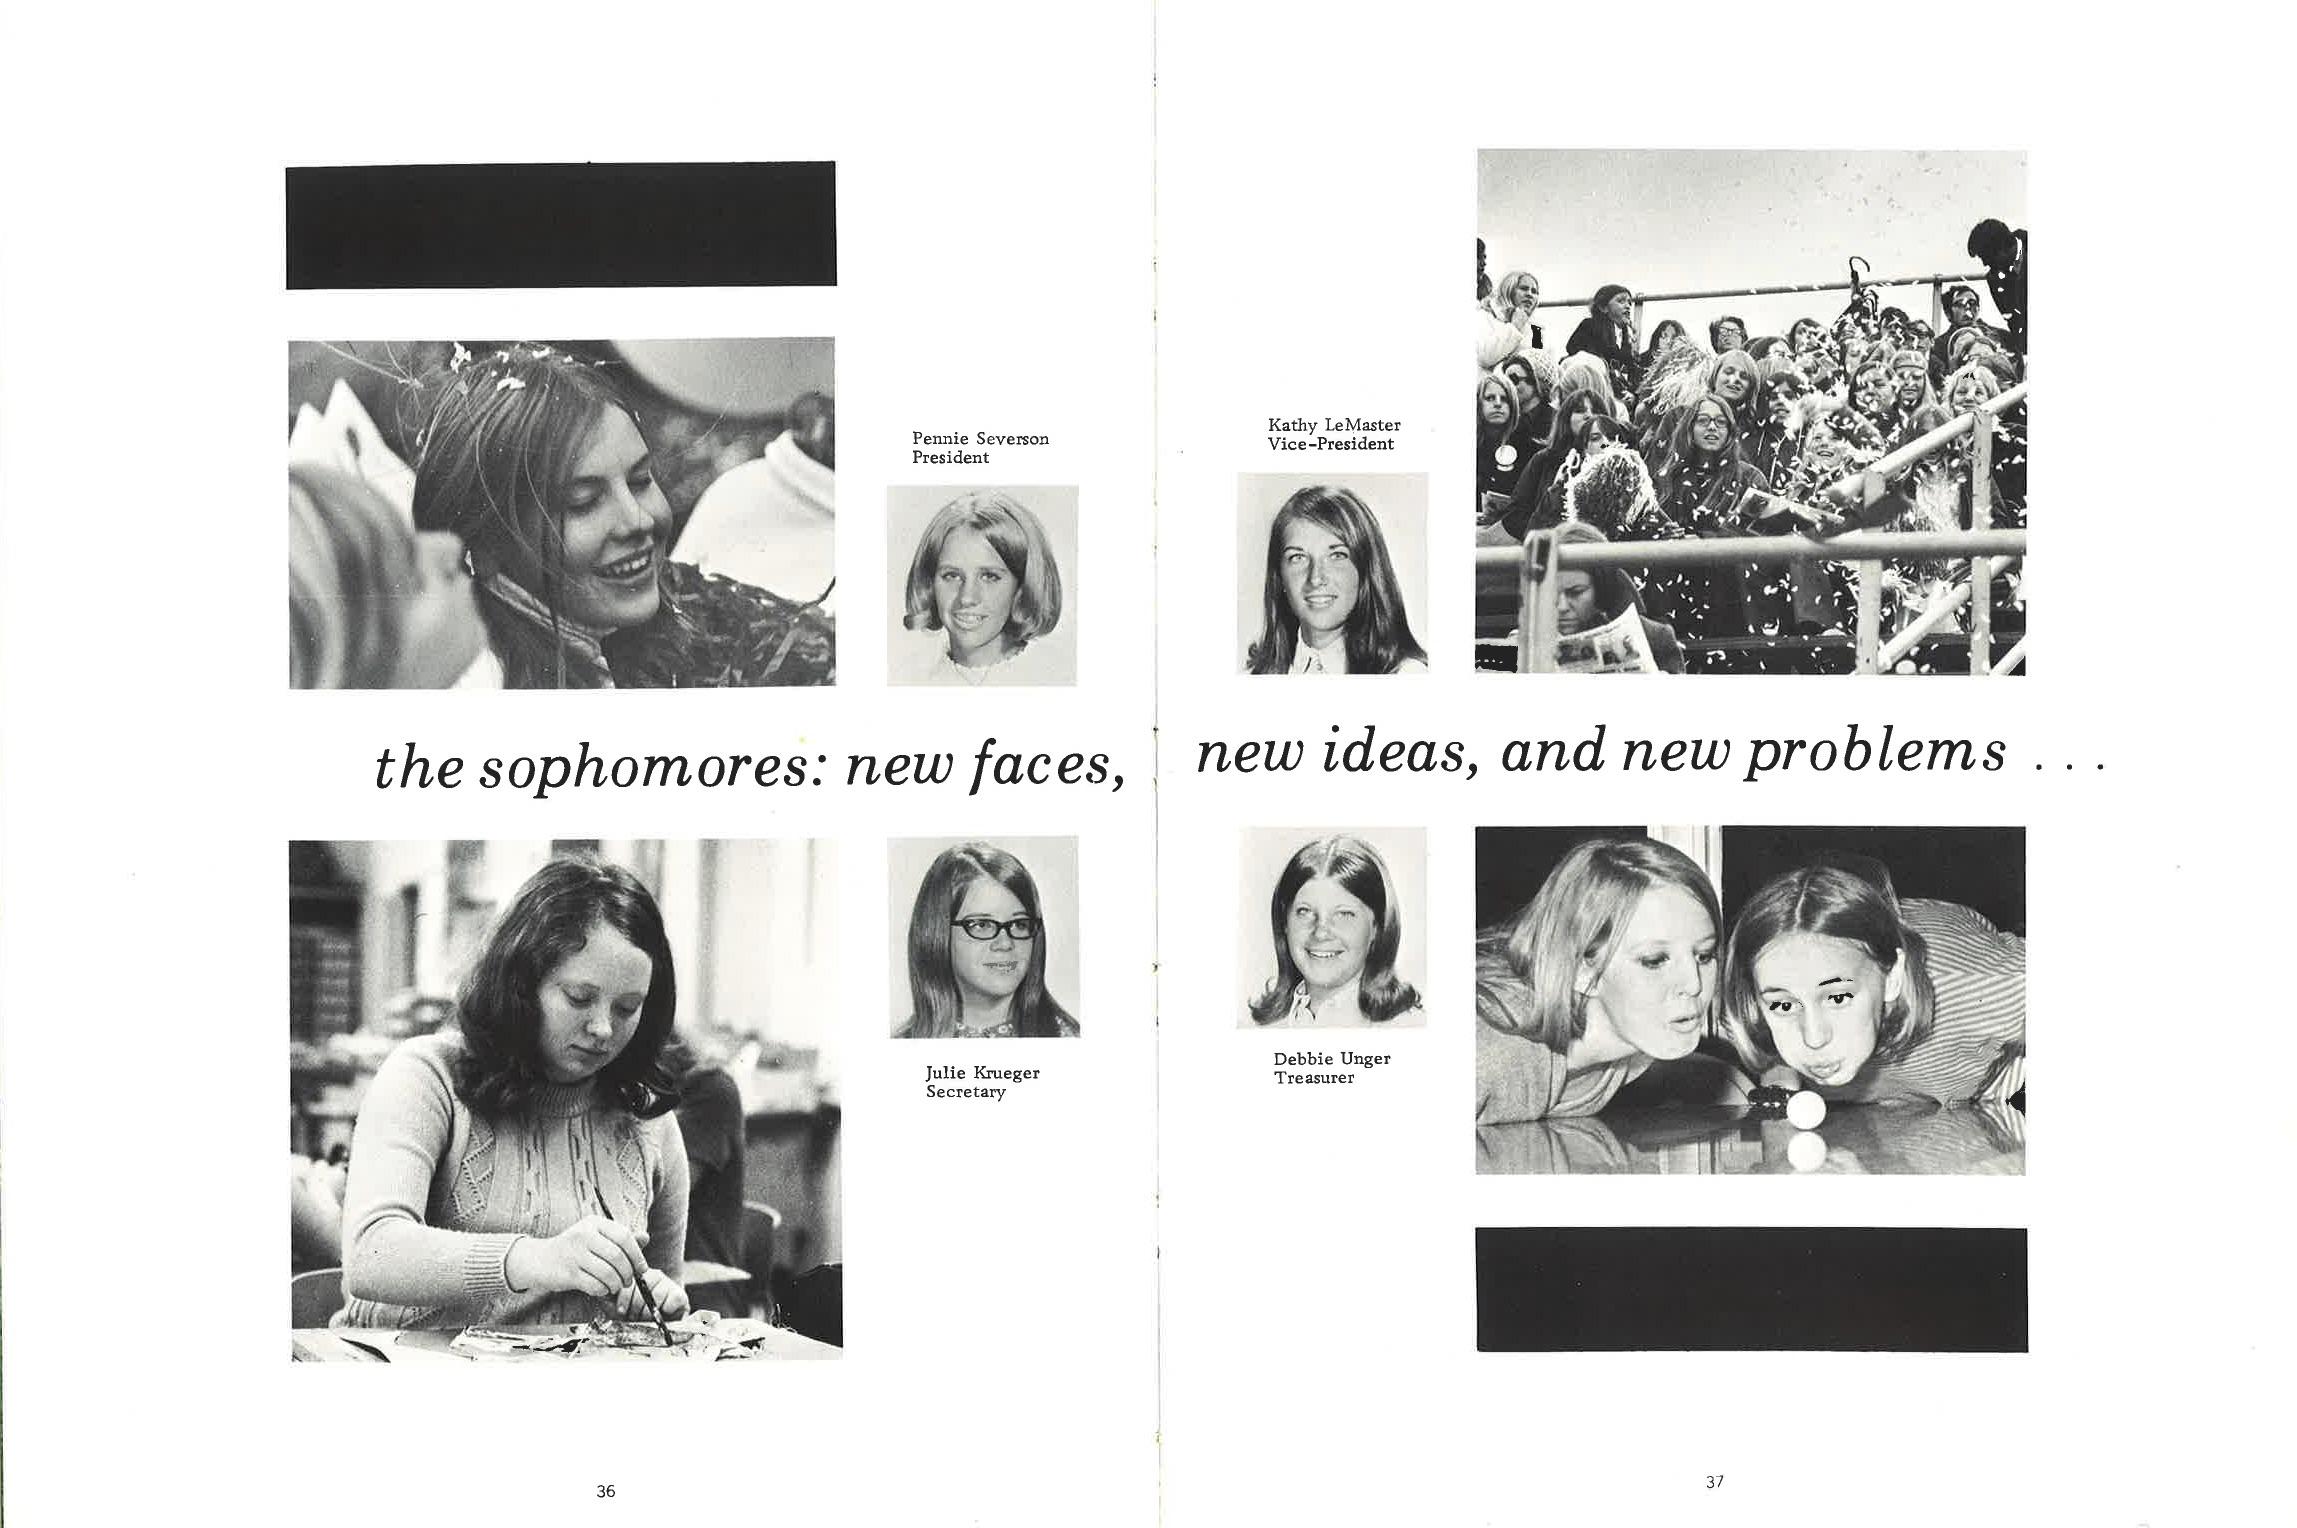 1971_Yearbook_36-37.jpg